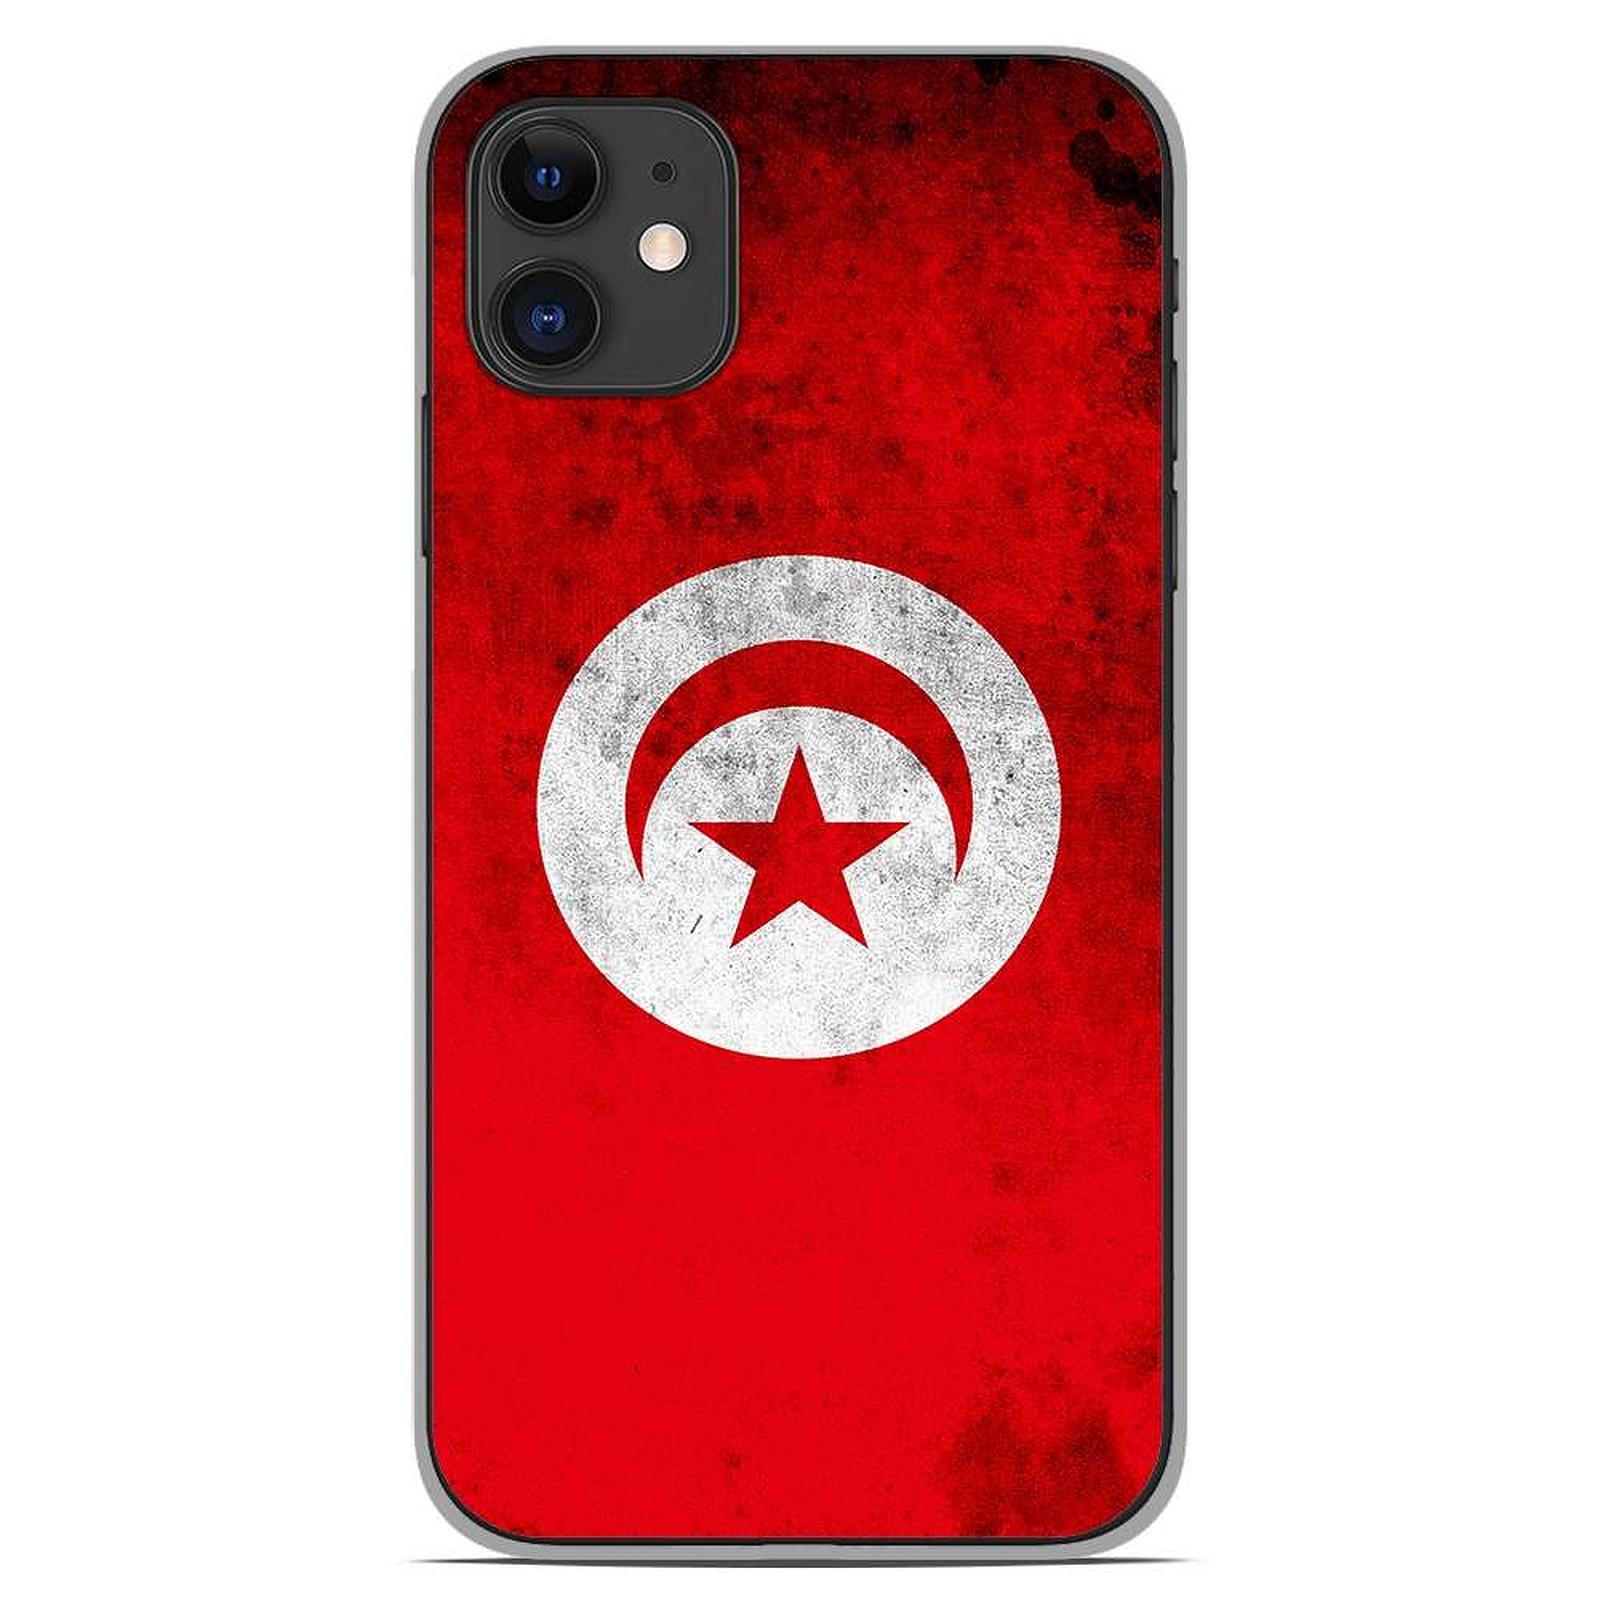 1001 Coques Coque silicone gel Apple iPhone 11 motif Drapeau Tunisie